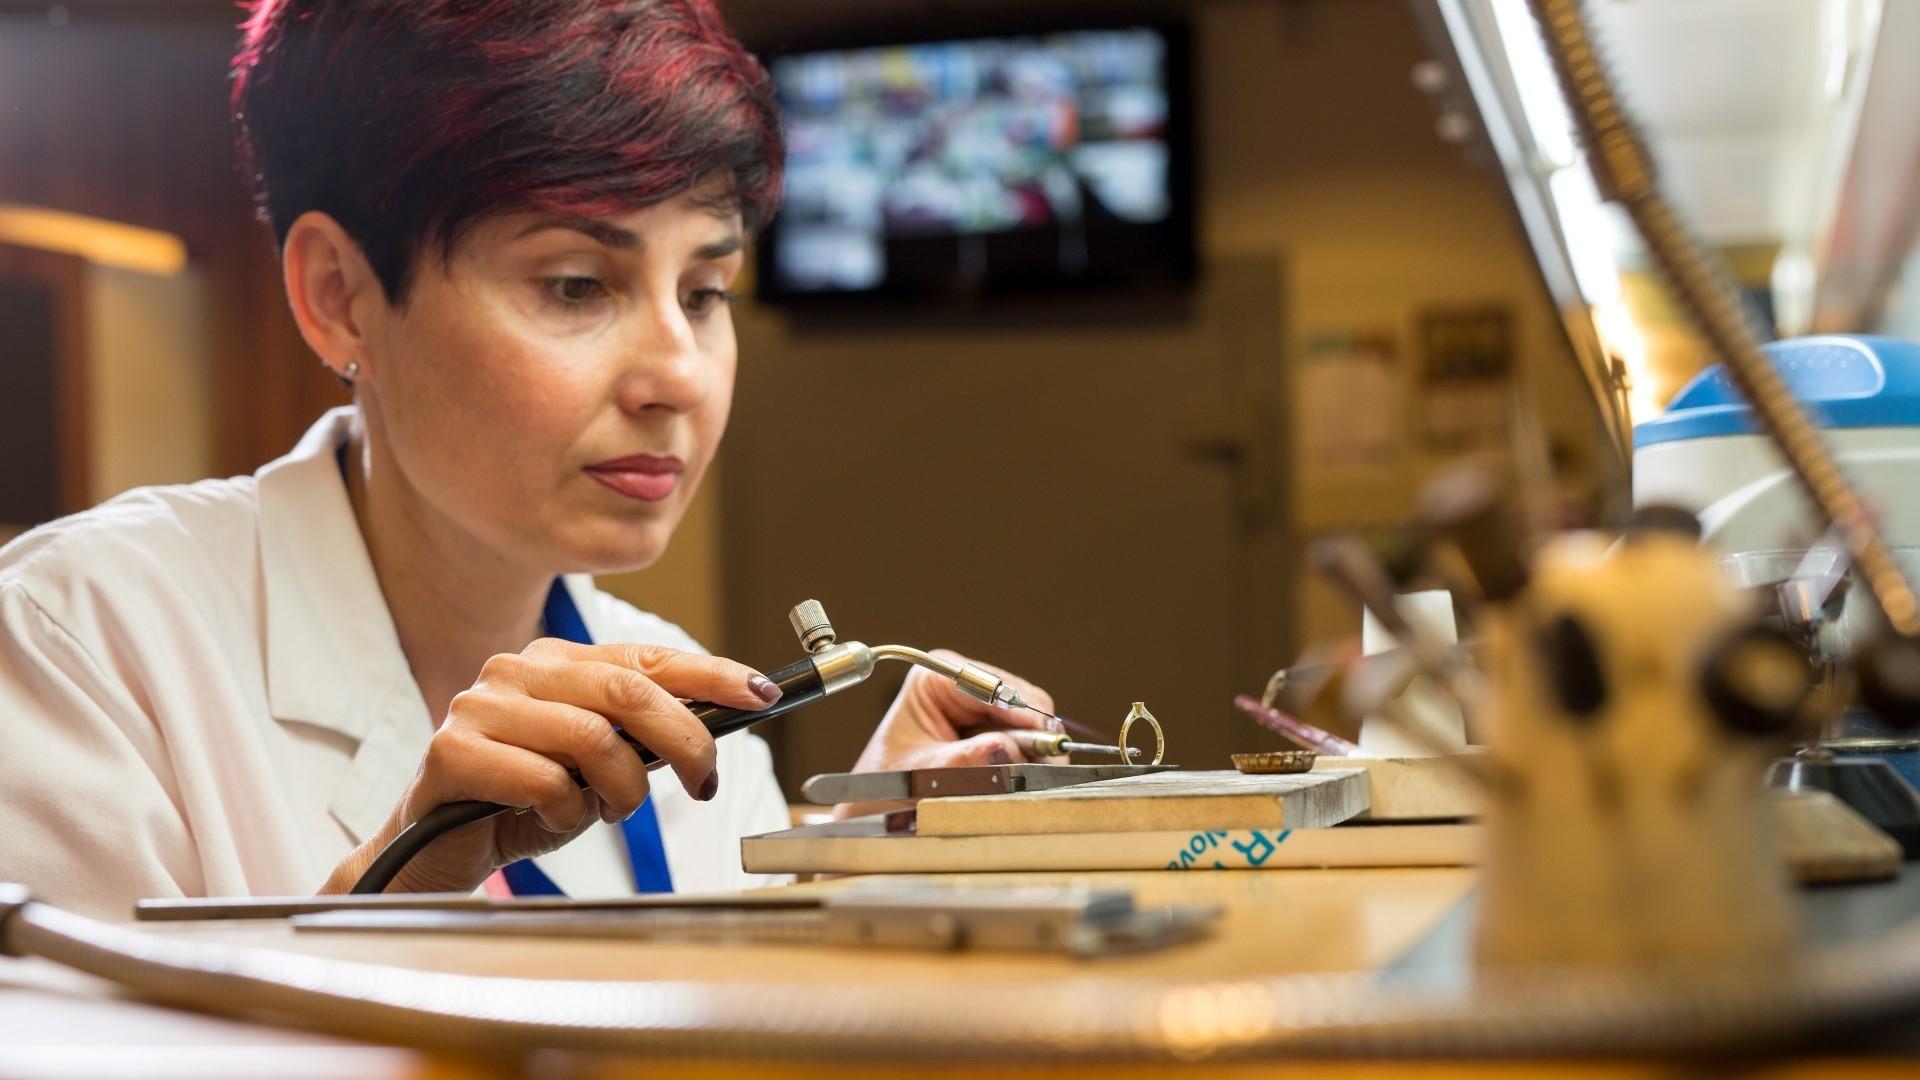 Heunen Juweliers & Opticiens